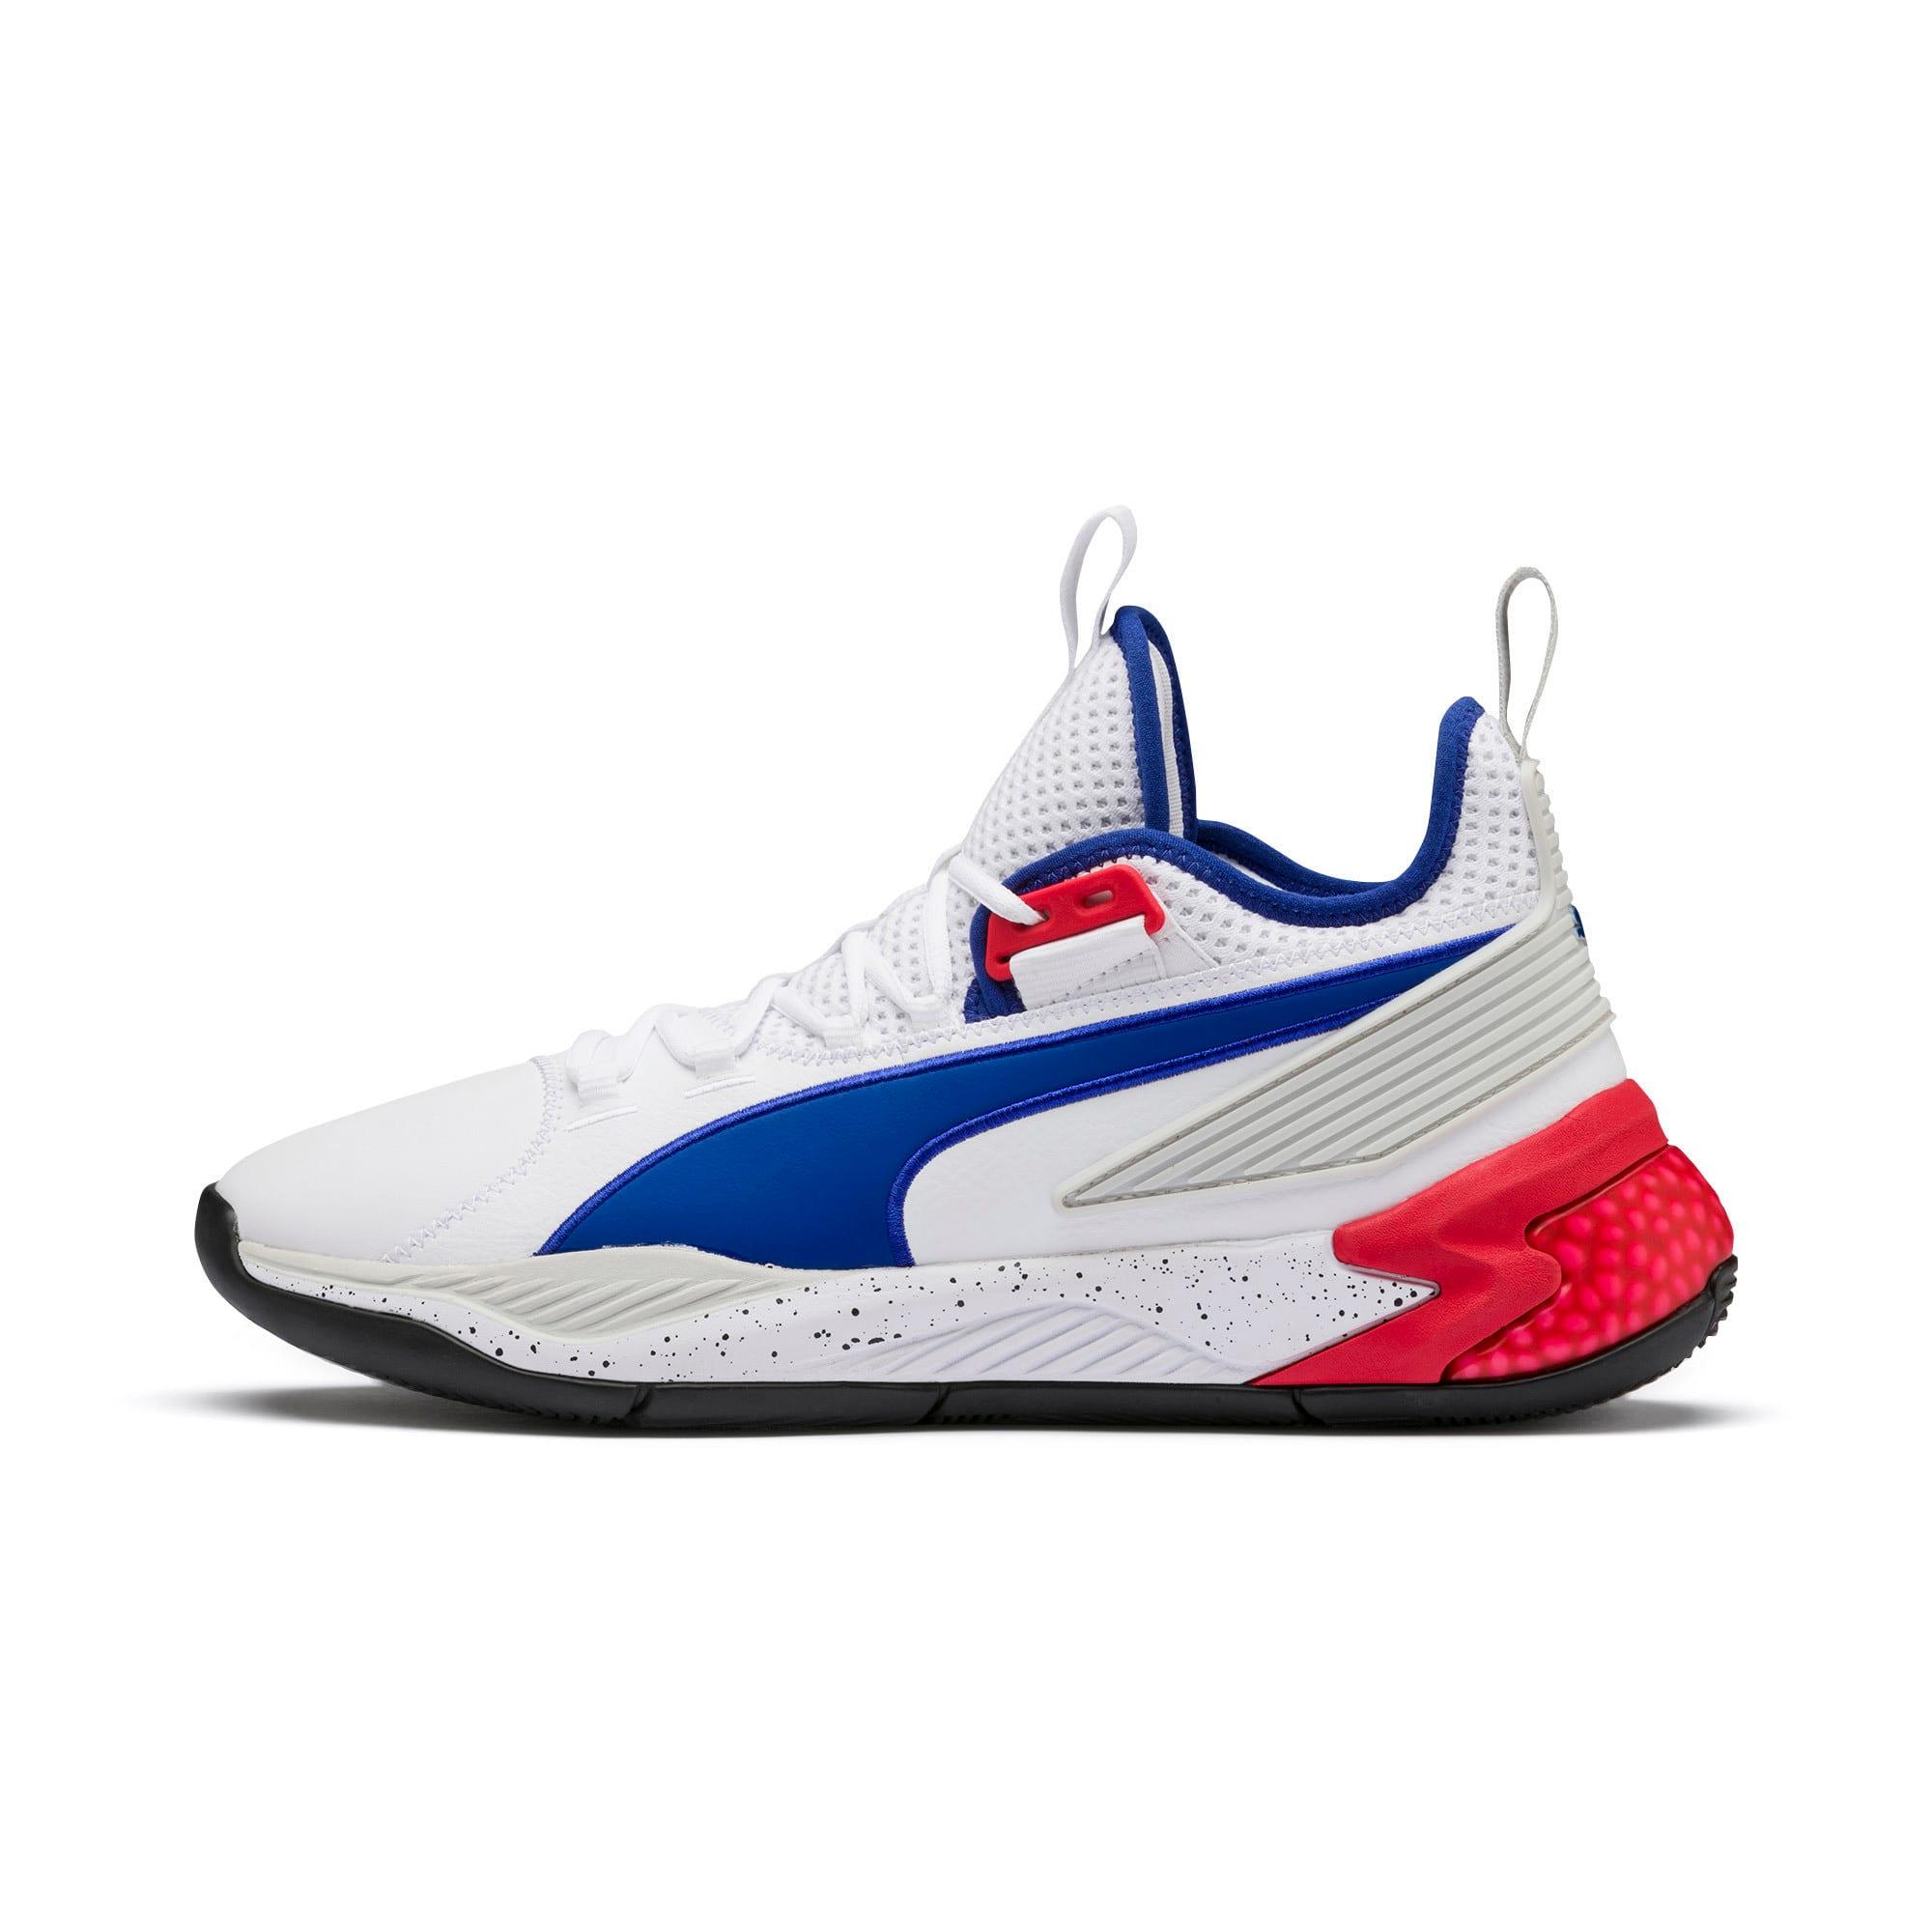 premier taux 1d26a e58f5 Chaussure de basketball Uproar Palace Guard pour homme